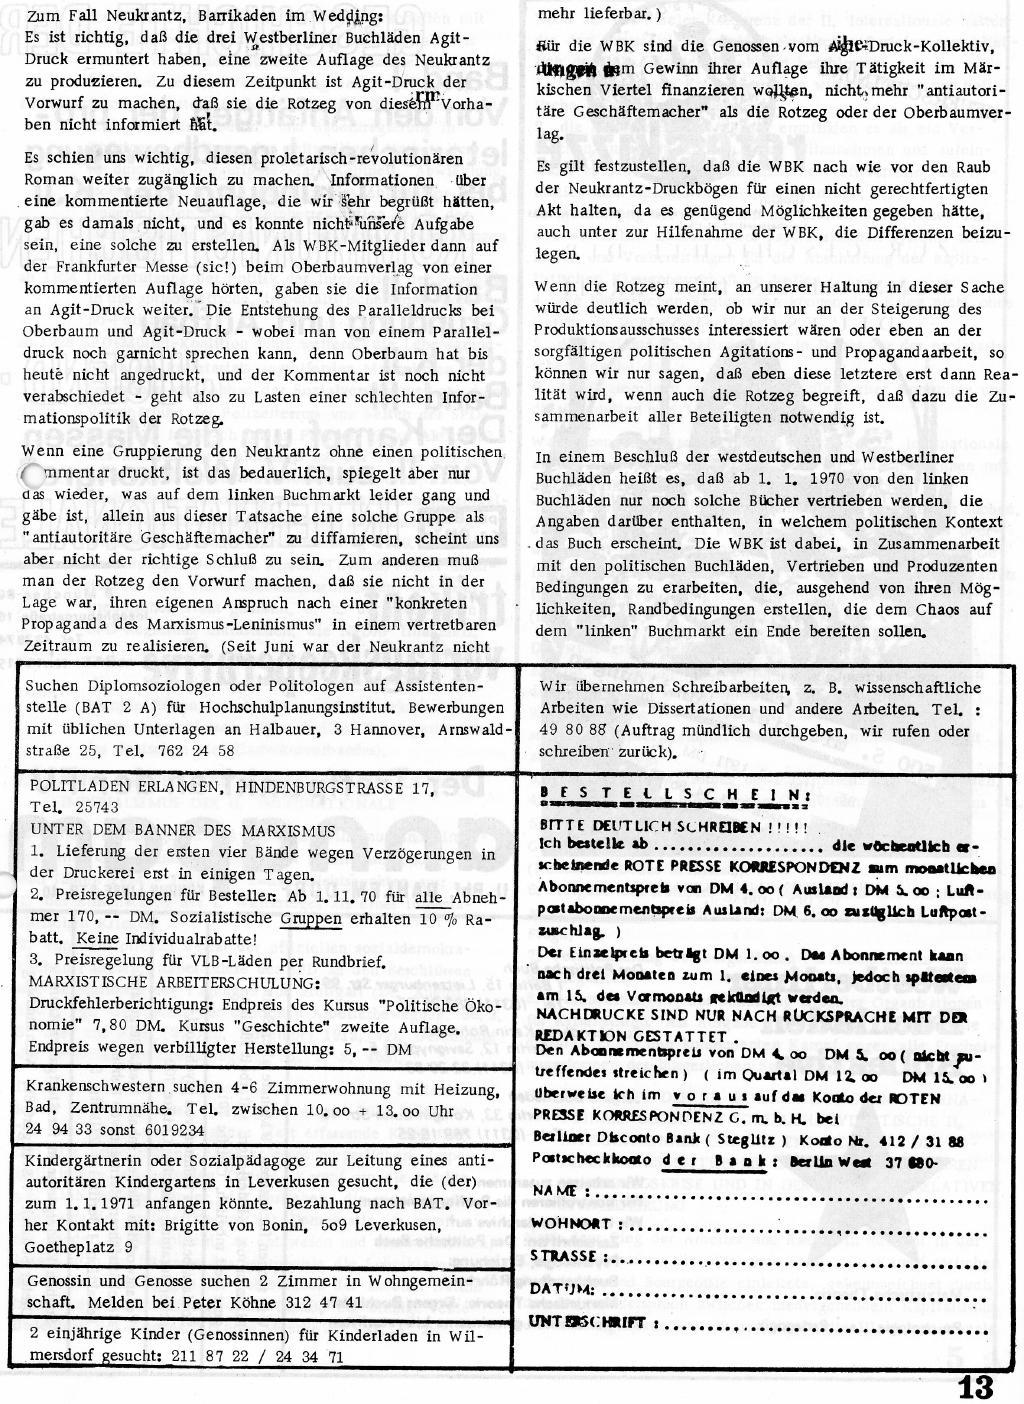 RPK_1970_087_13